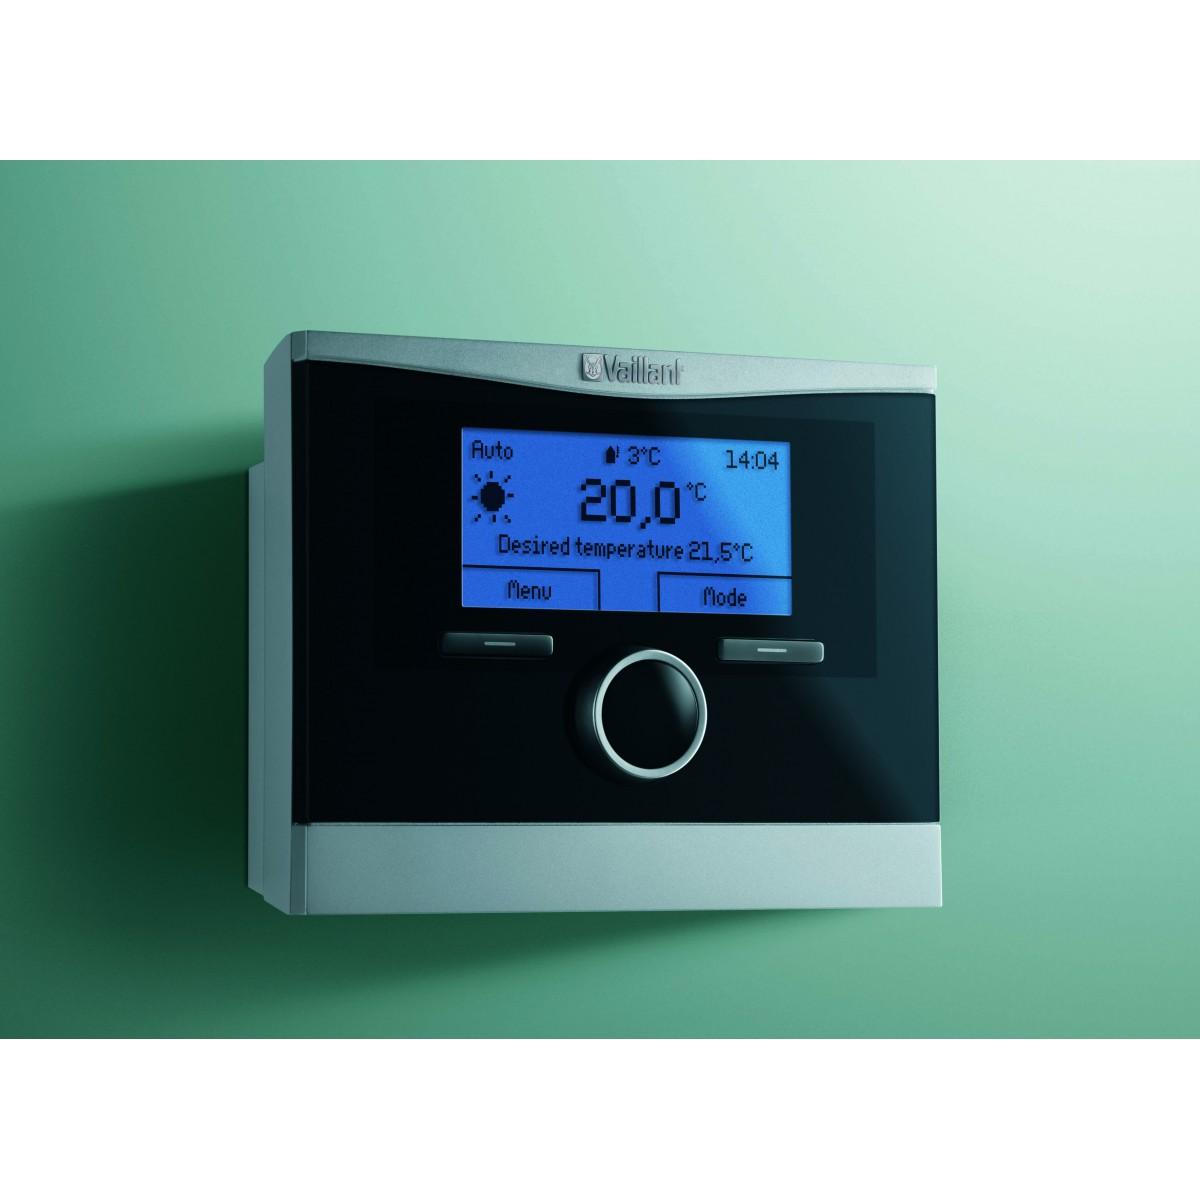 Termostato modulante inalambrico calormatic 370f Vaillant calormatic 370f